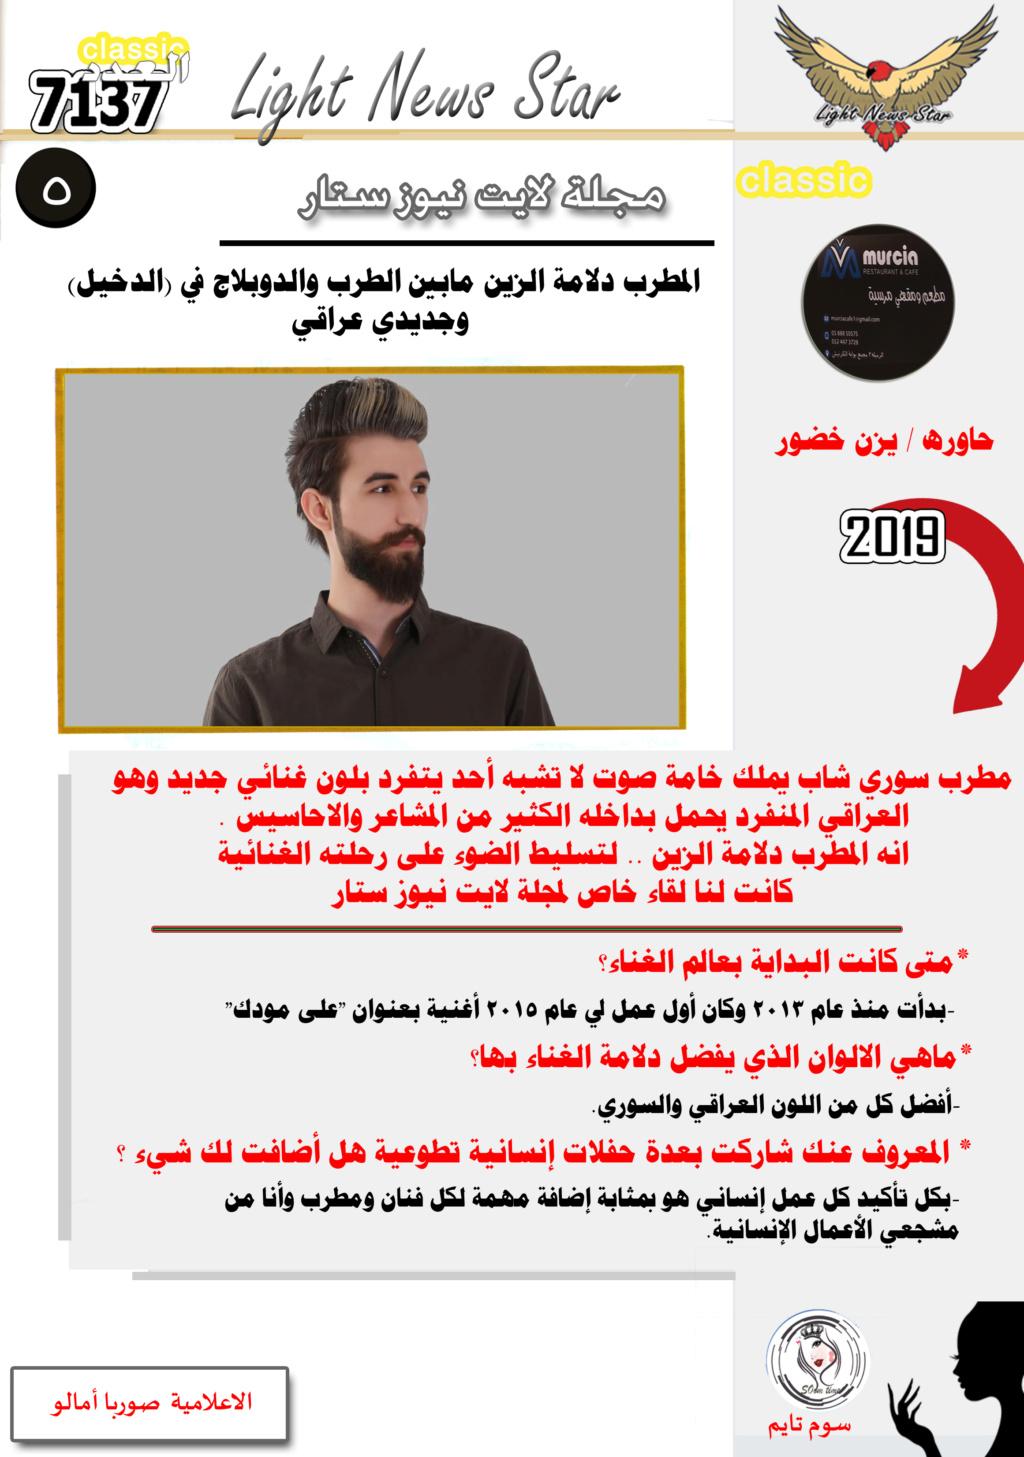 أخبار نجوم الفن والمشاهير 7137 light news star من المصدر l المطرب دلامة الزين مابين  الطرب والدوبلاج  في (الدخيل) وجديدي عراقي Ca510